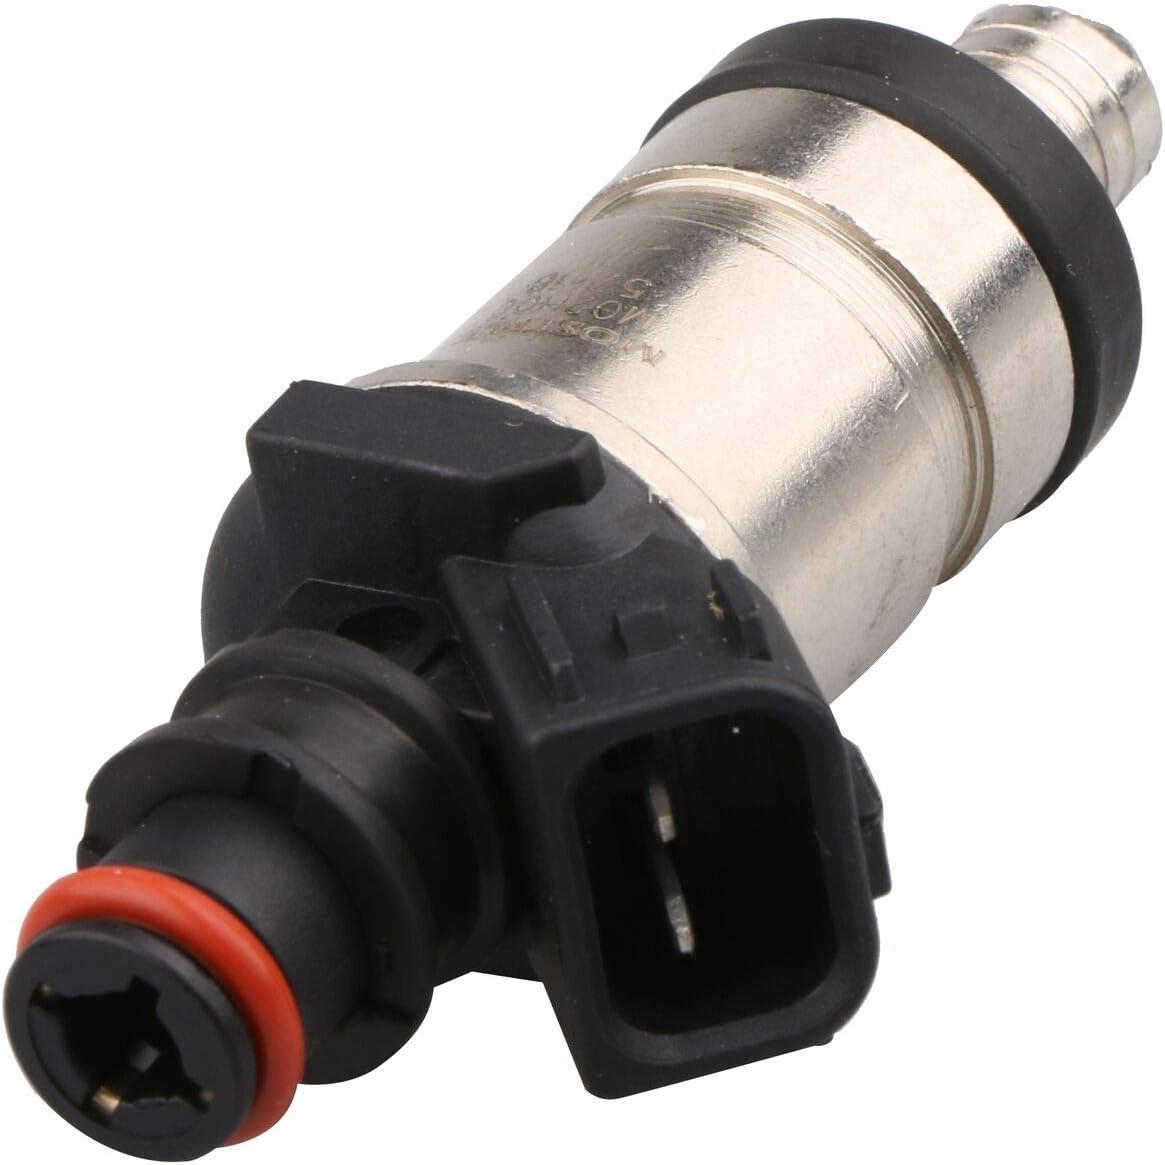 MOSTPLUS Fuel Injectors 06164P2J000 for Honda Accord Civic Acura Integra RL TL Set of 4